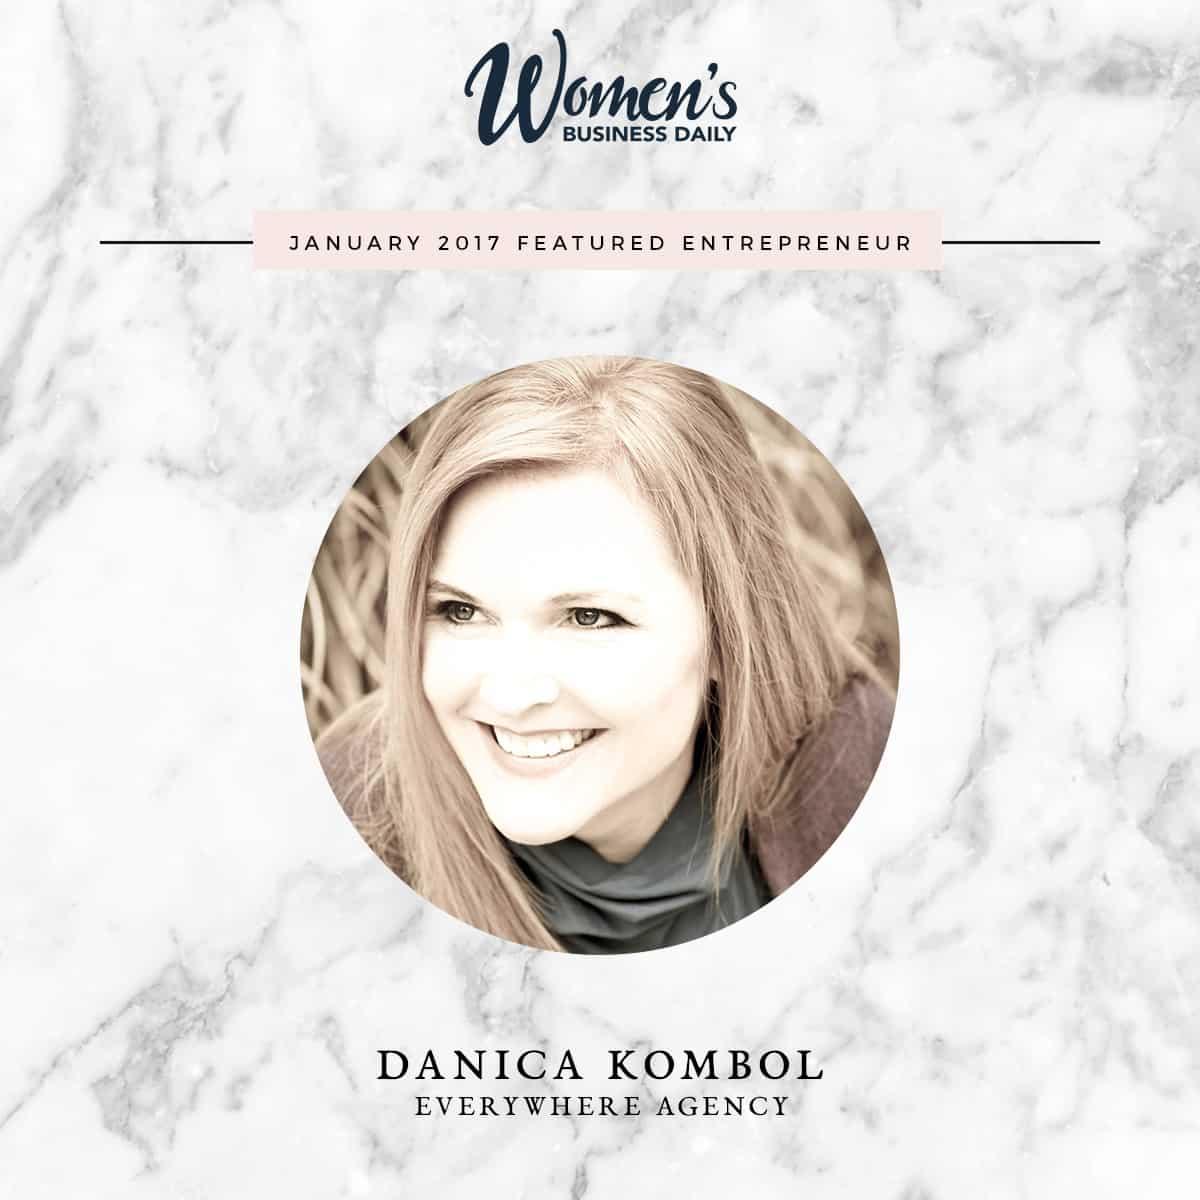 Danica Kombol